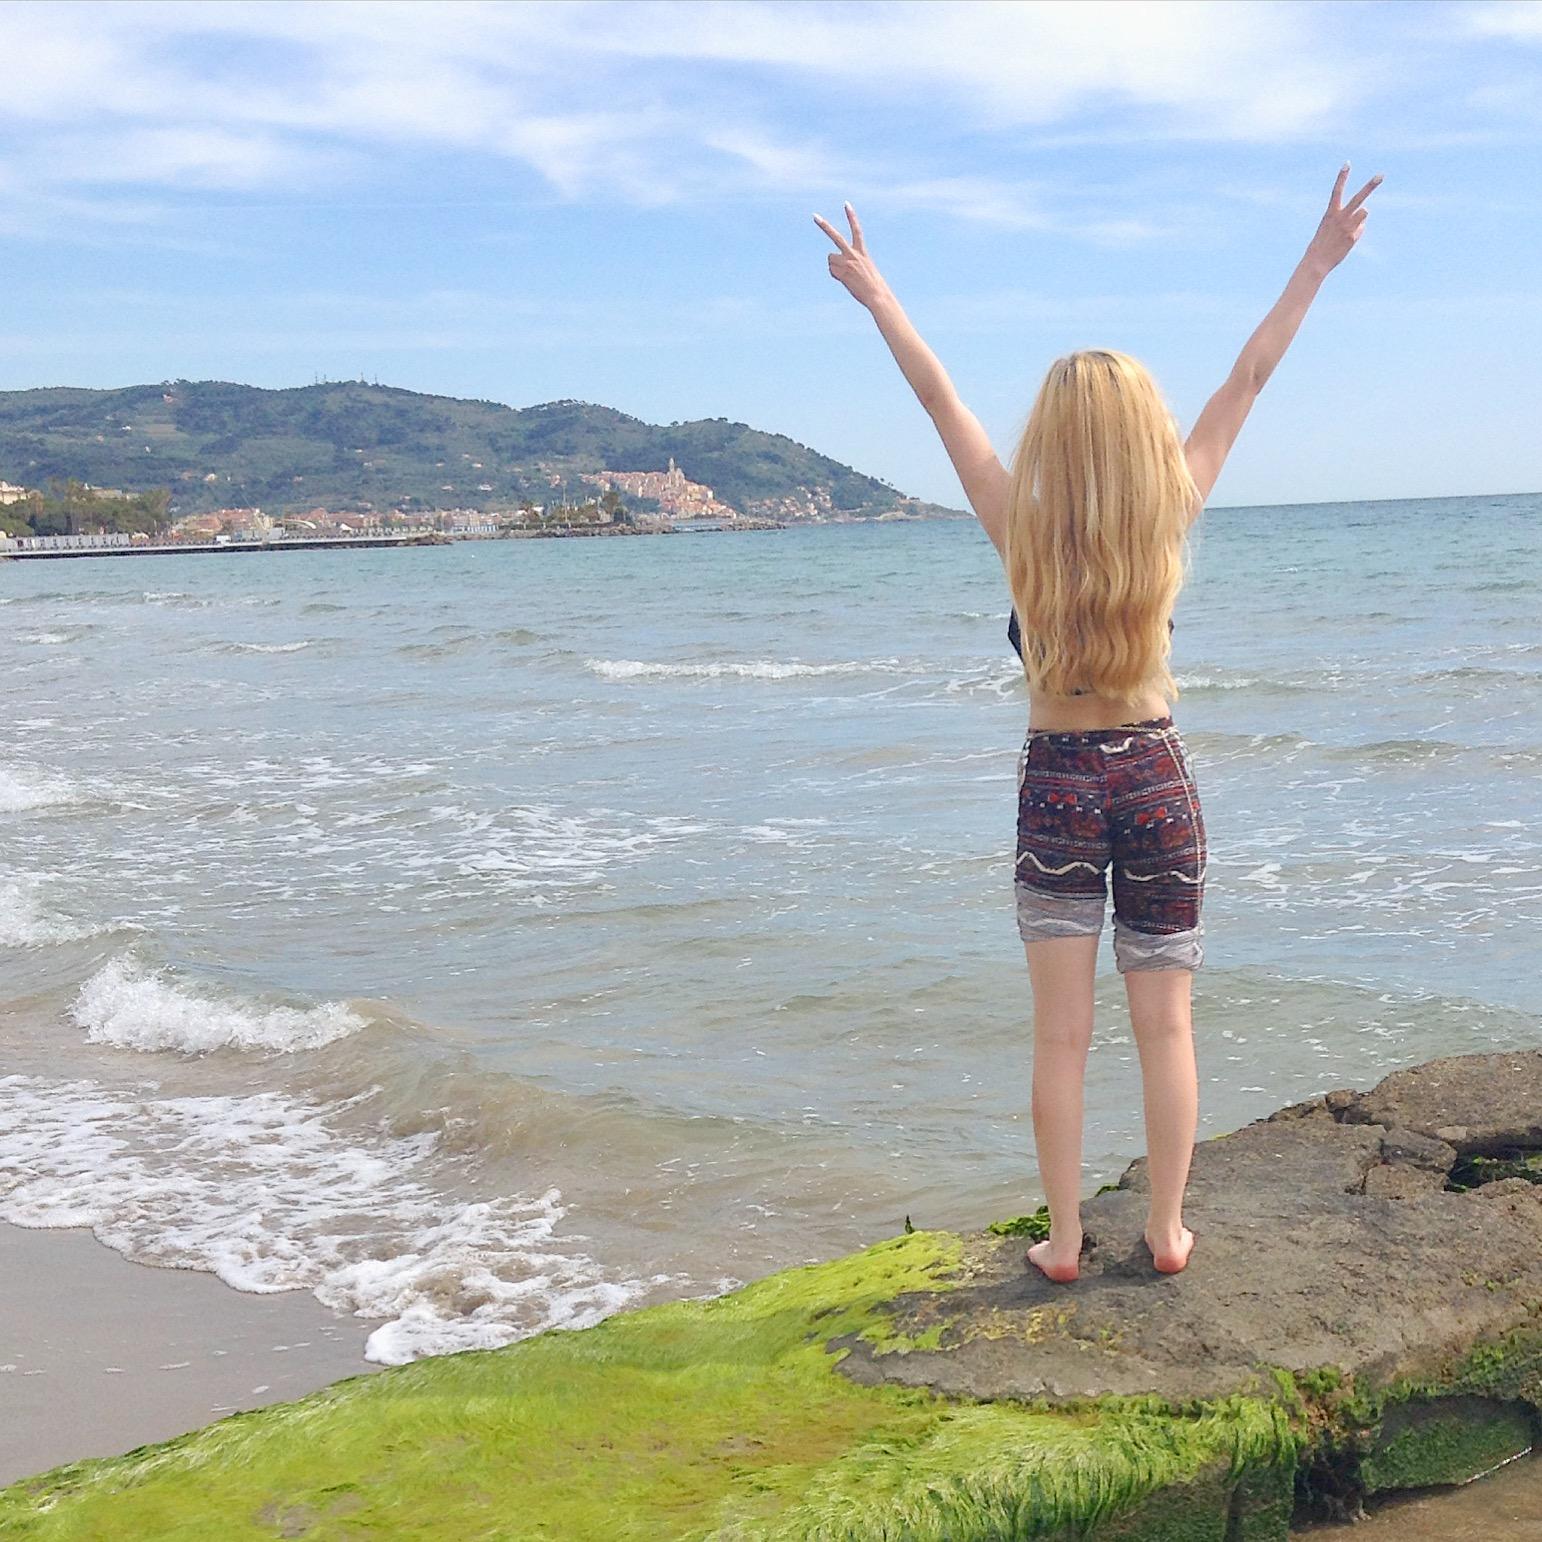 Diano Marina